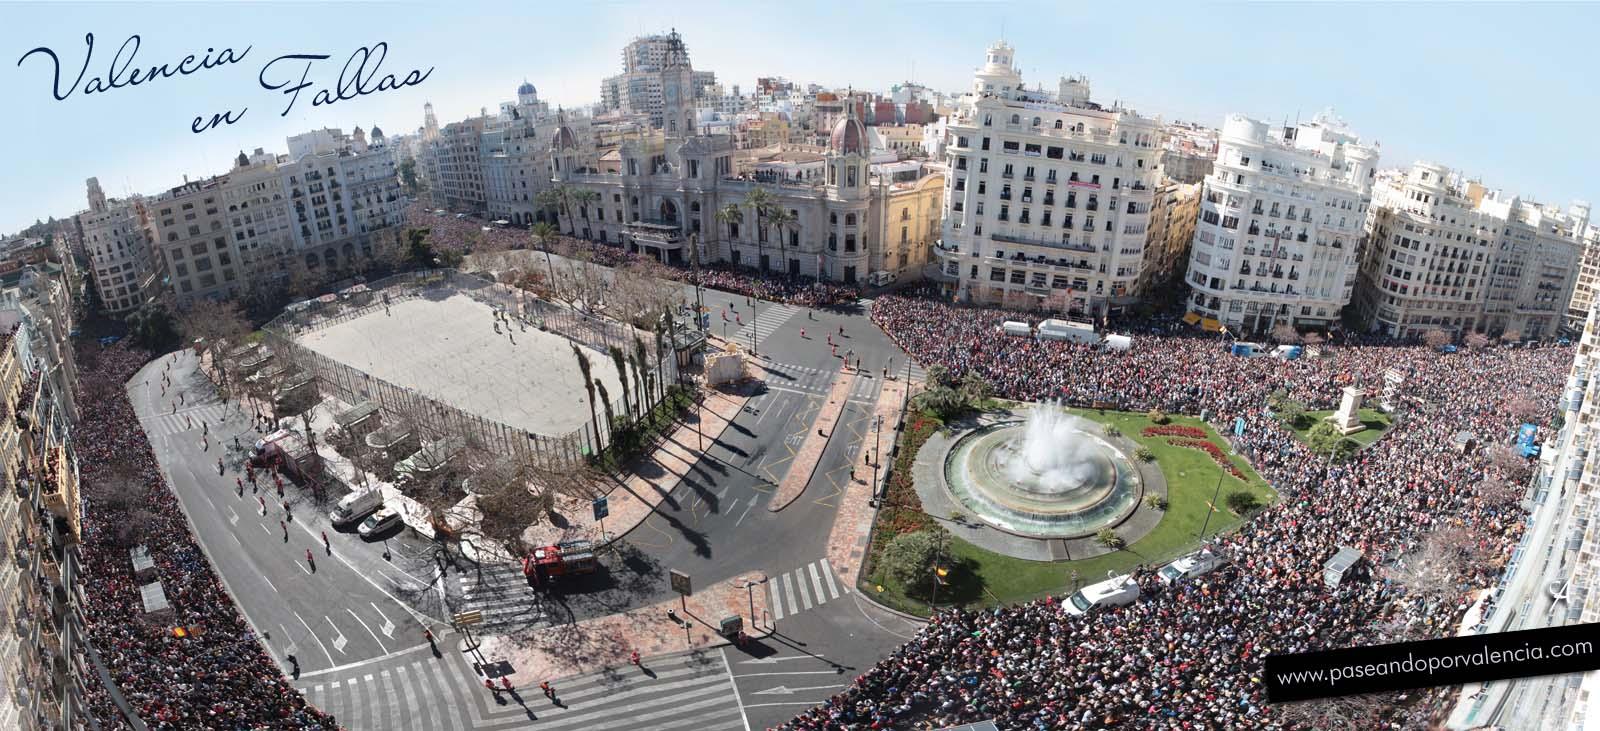 Vista panorámica de la Plaza del Ayuntamiento preparada para la mascletà